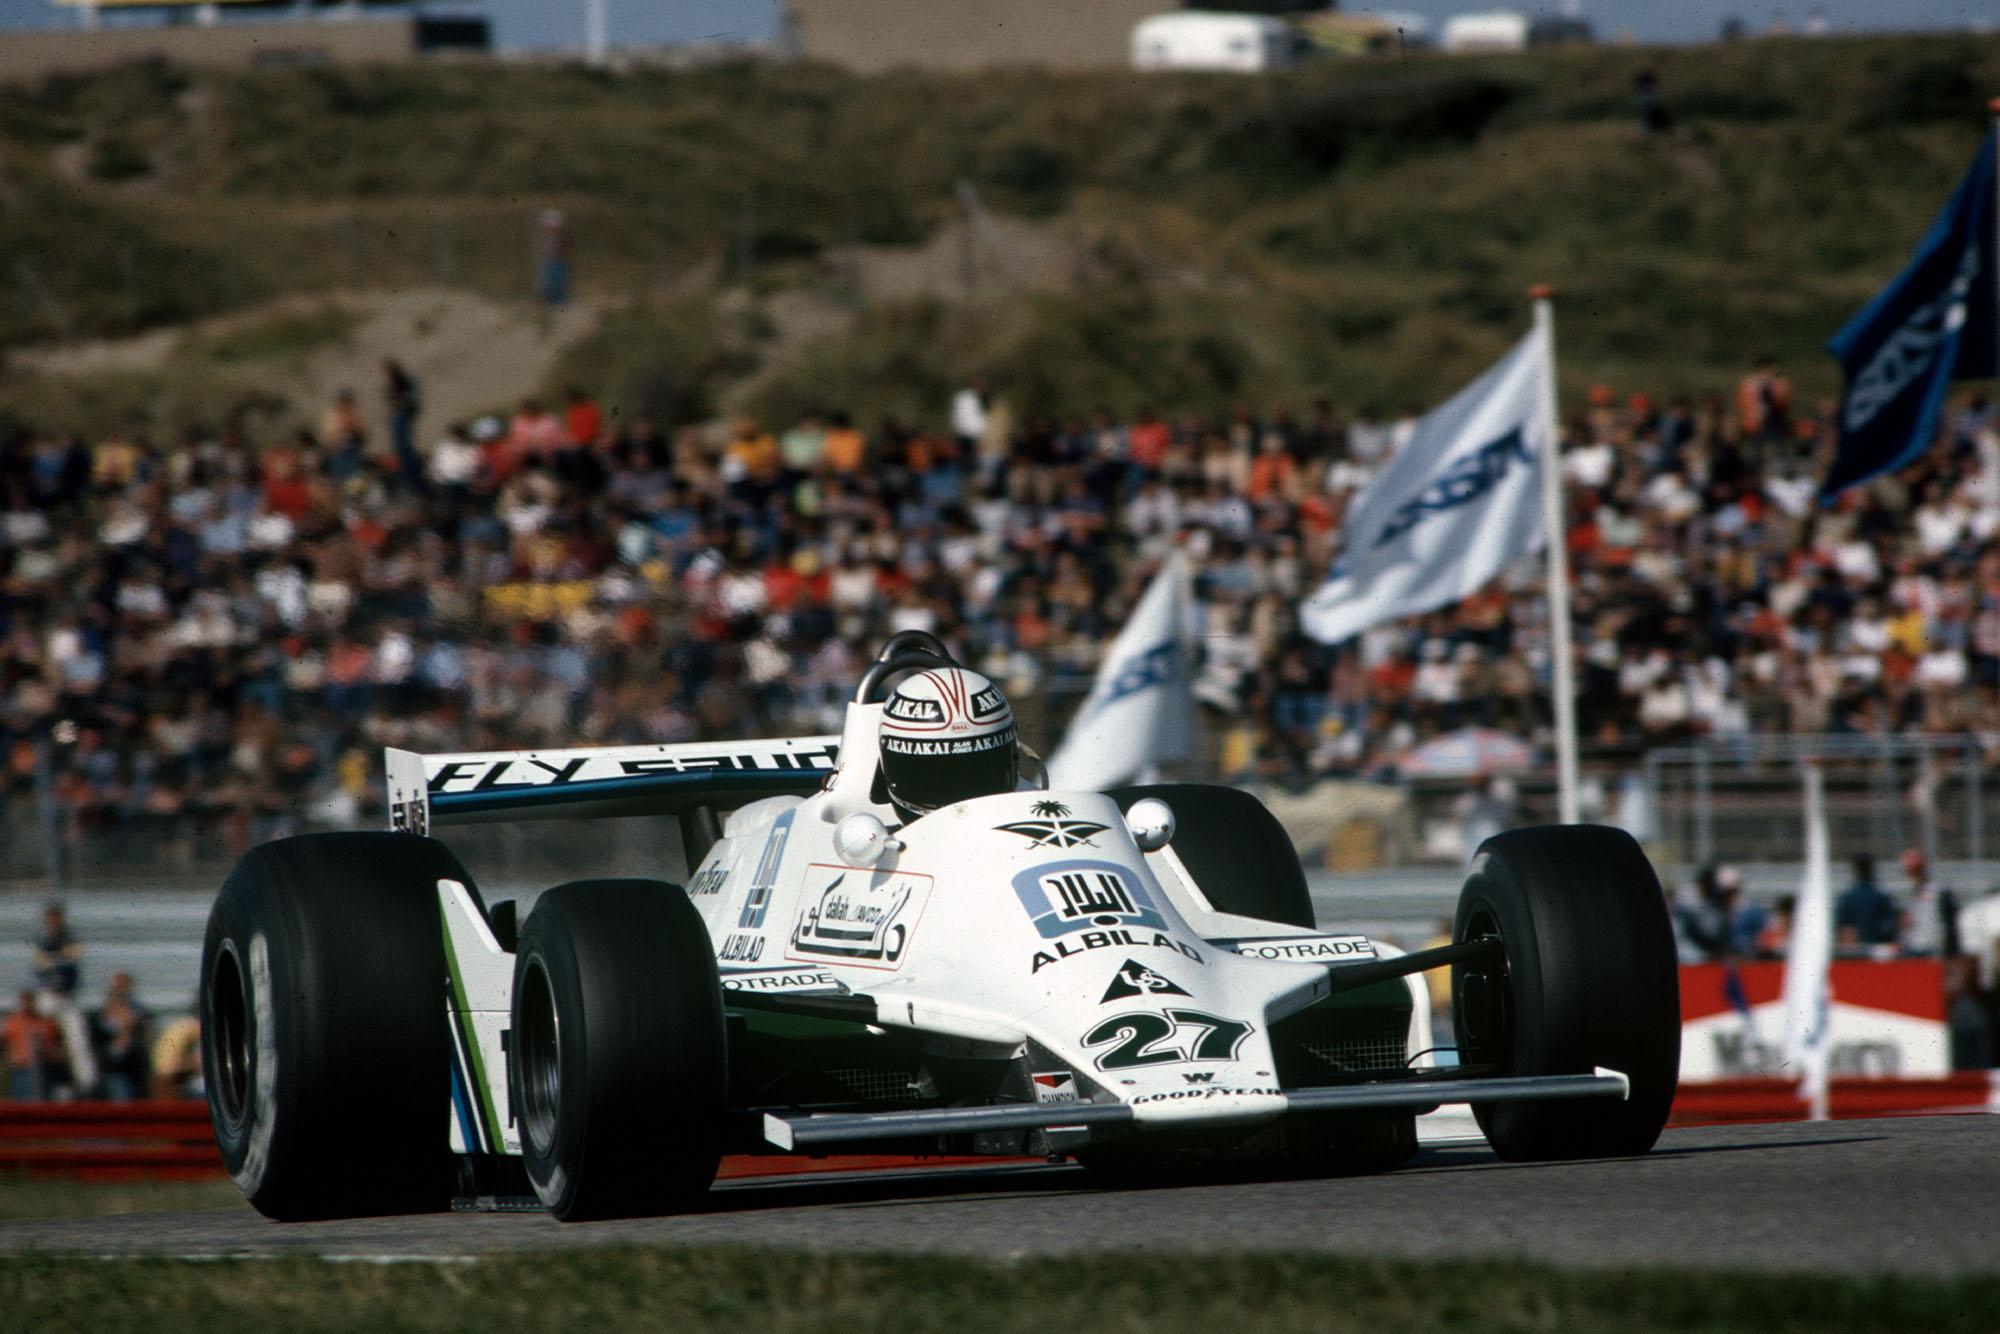 1979 Dutch GP feature